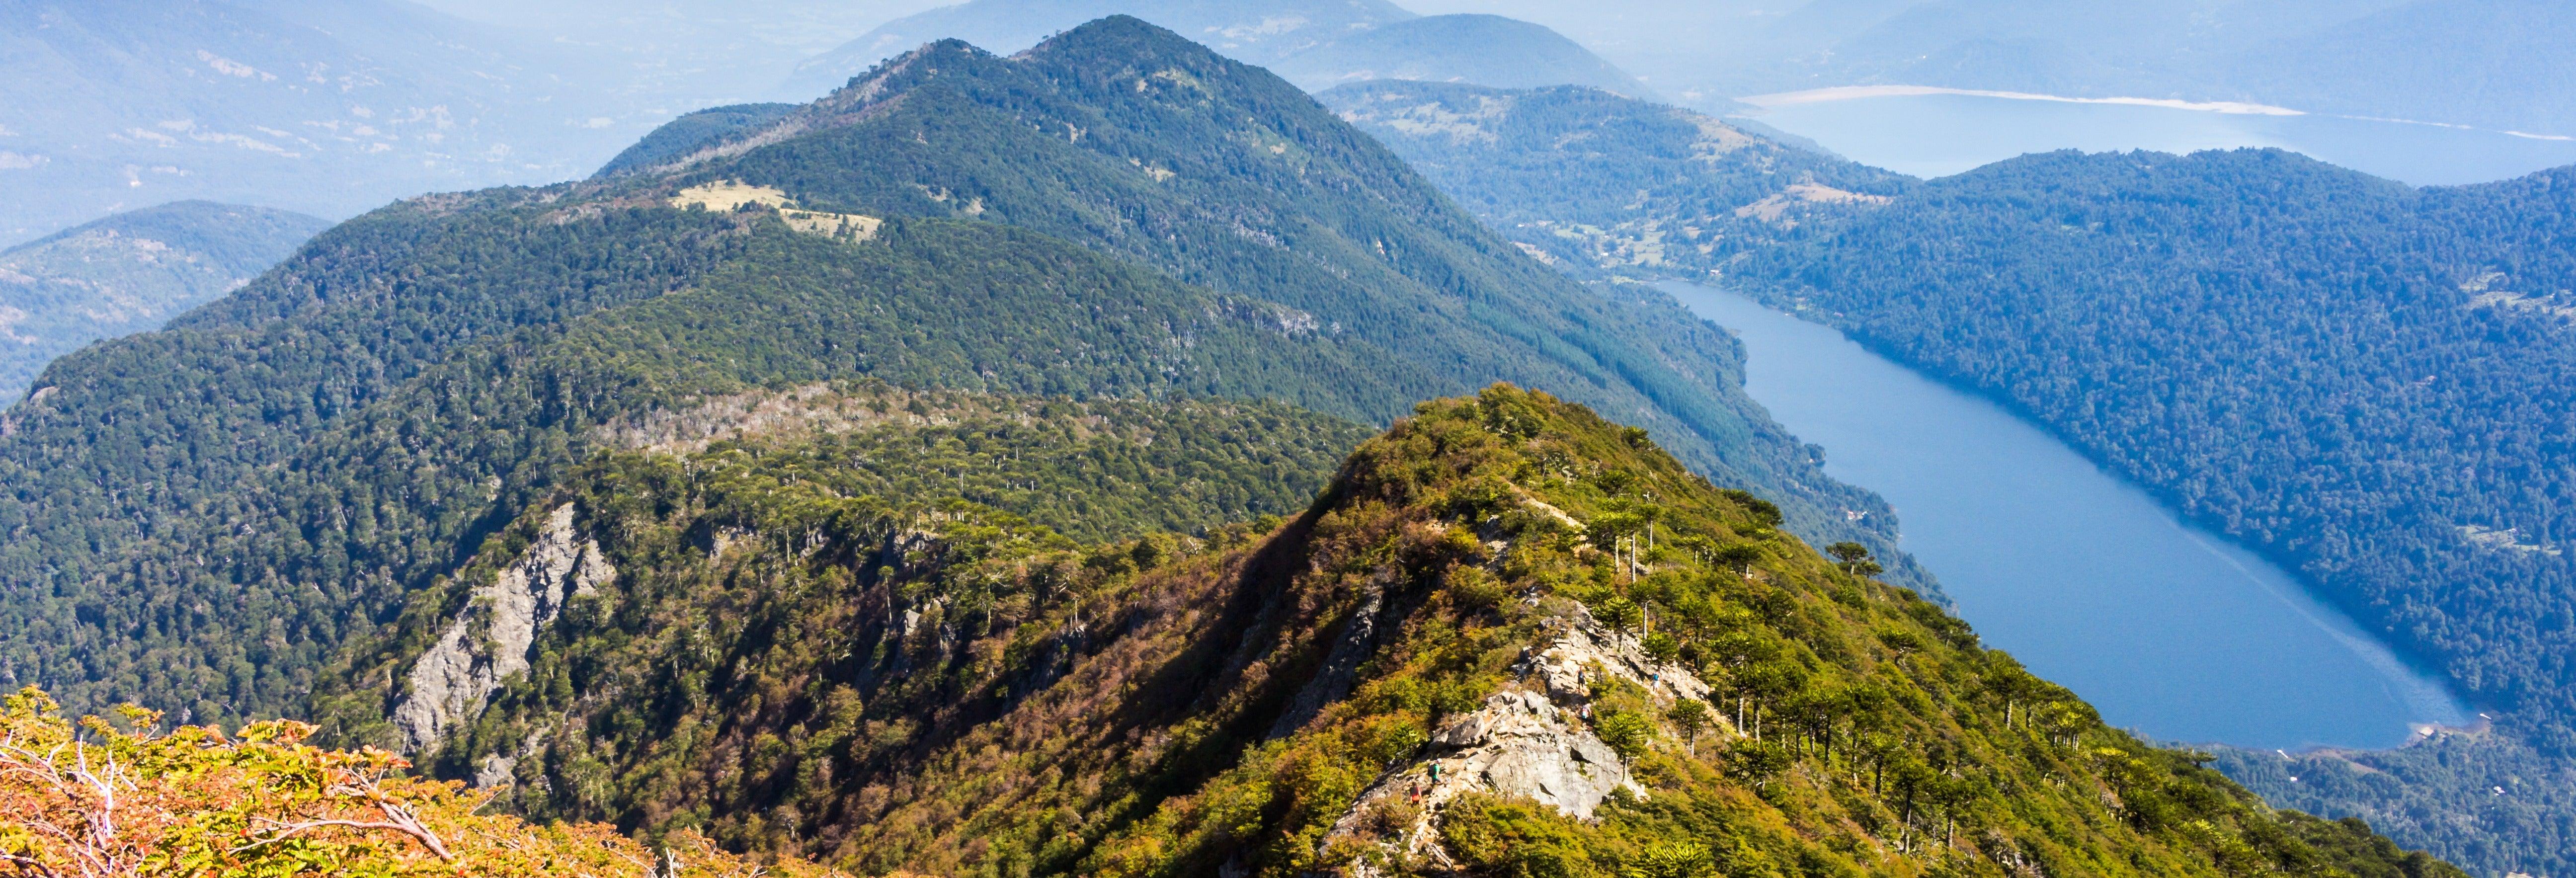 Trilha pelo Parque Nacional Huerquehue